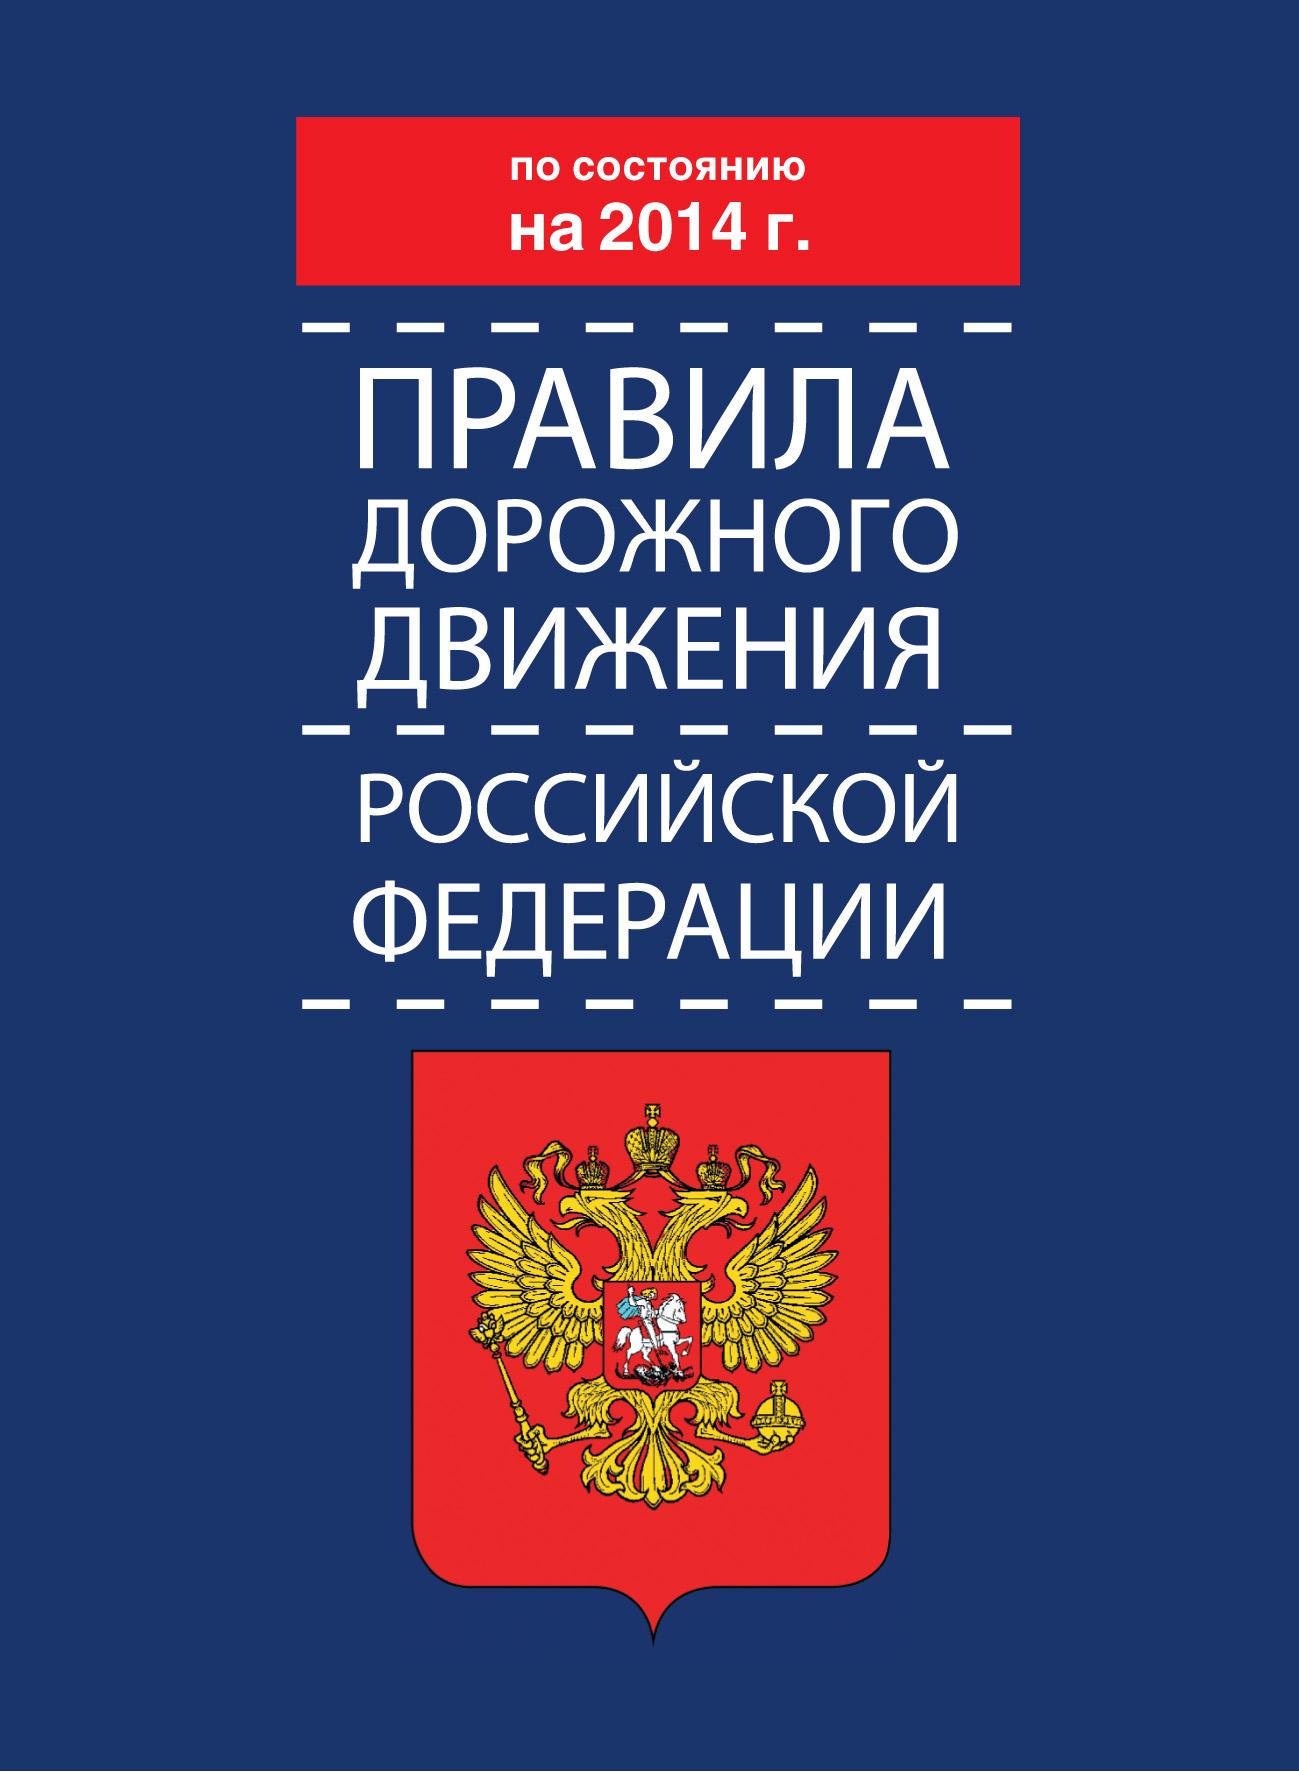 Коллектив авторов Правила дорожного движения Российской Федерации по состоянию на 2014 г. правила дорожного движения российской федерации по состоянию на 2018 год